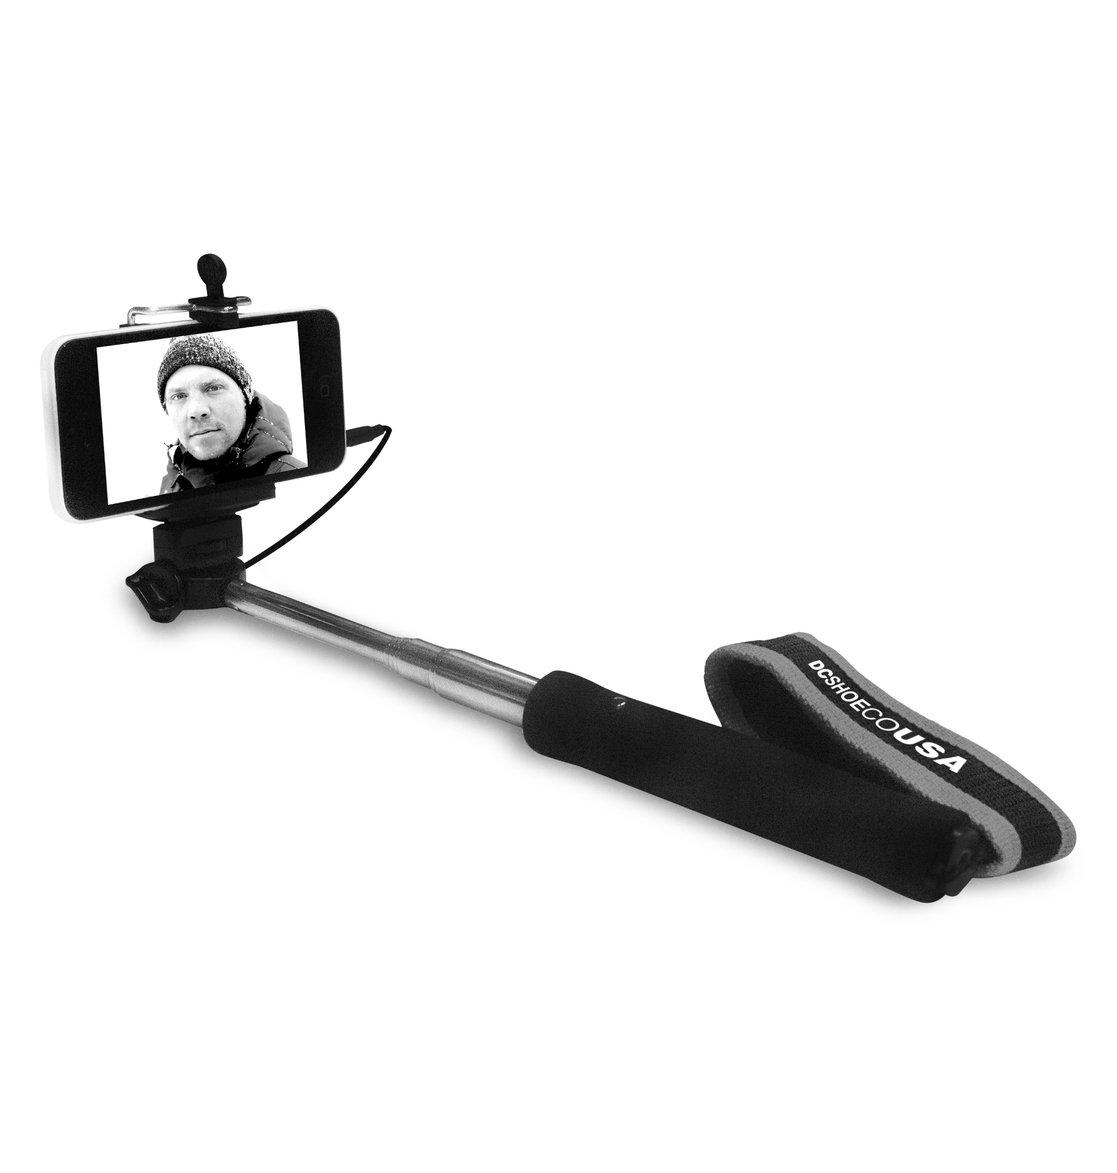 selfie dc shoes extendable selfie stick edyaa03069 dc shoes. Black Bedroom Furniture Sets. Home Design Ideas